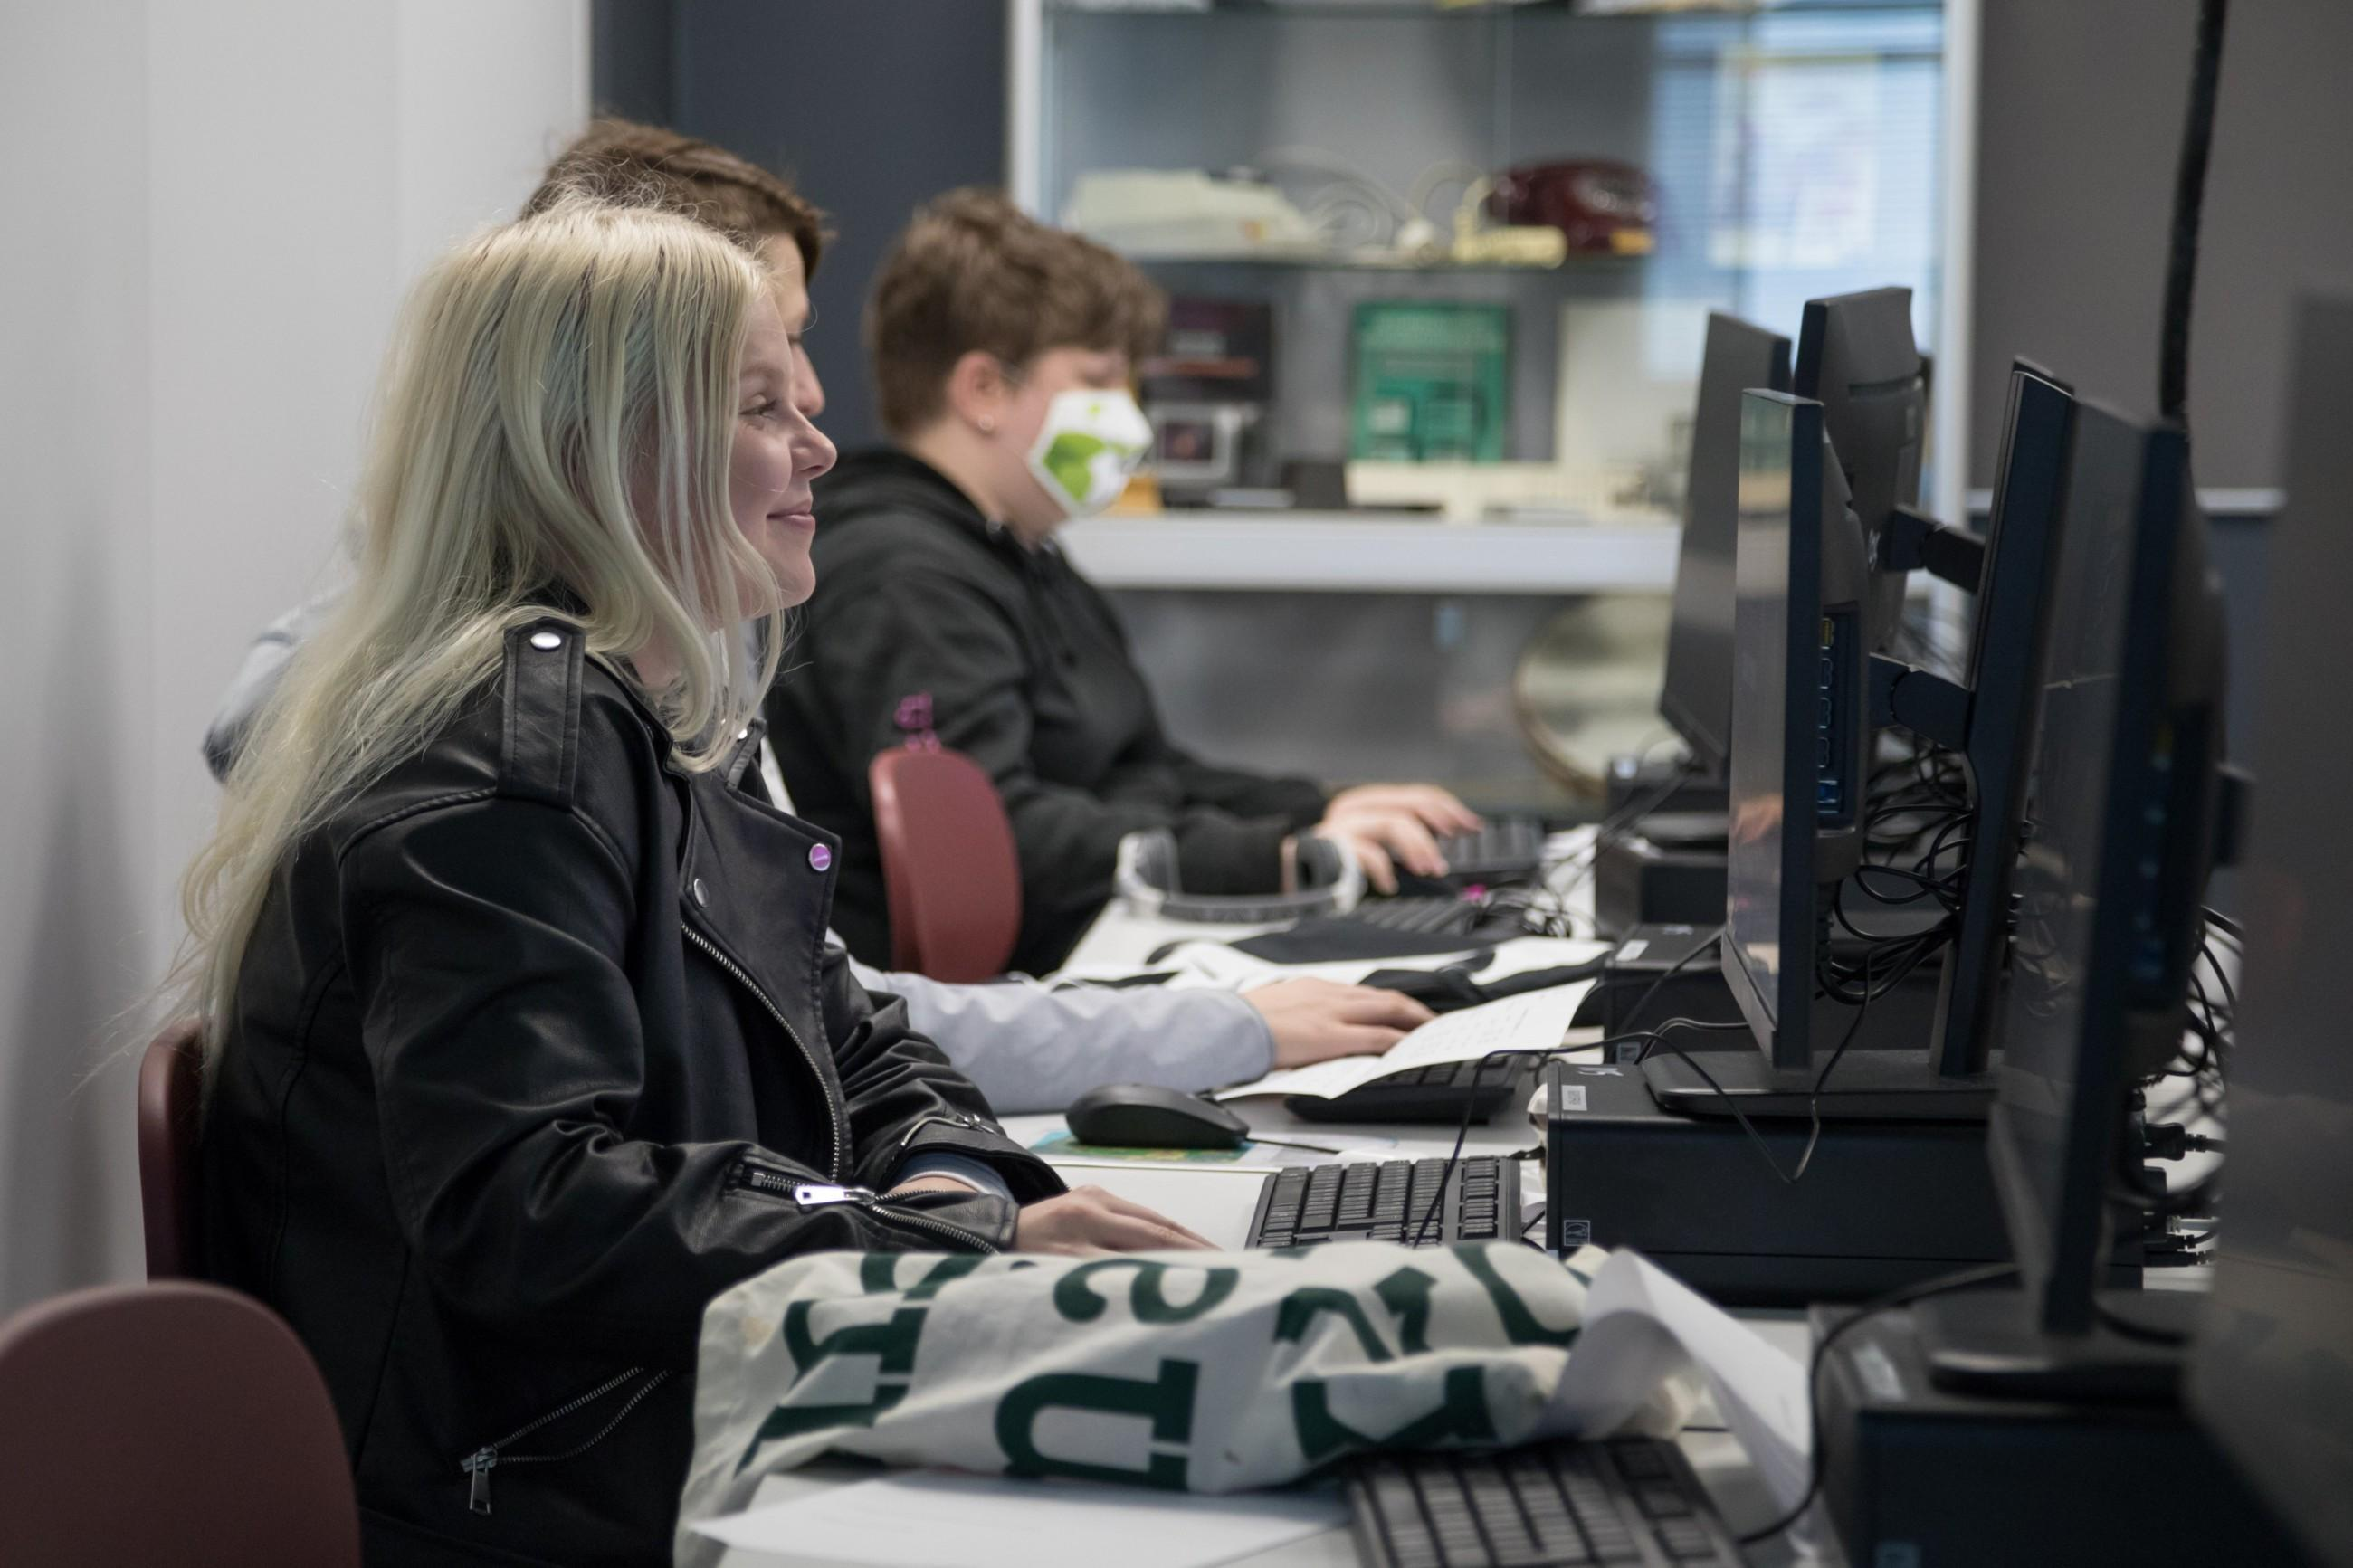 Opiskelijoita tietokoneen äärellä.